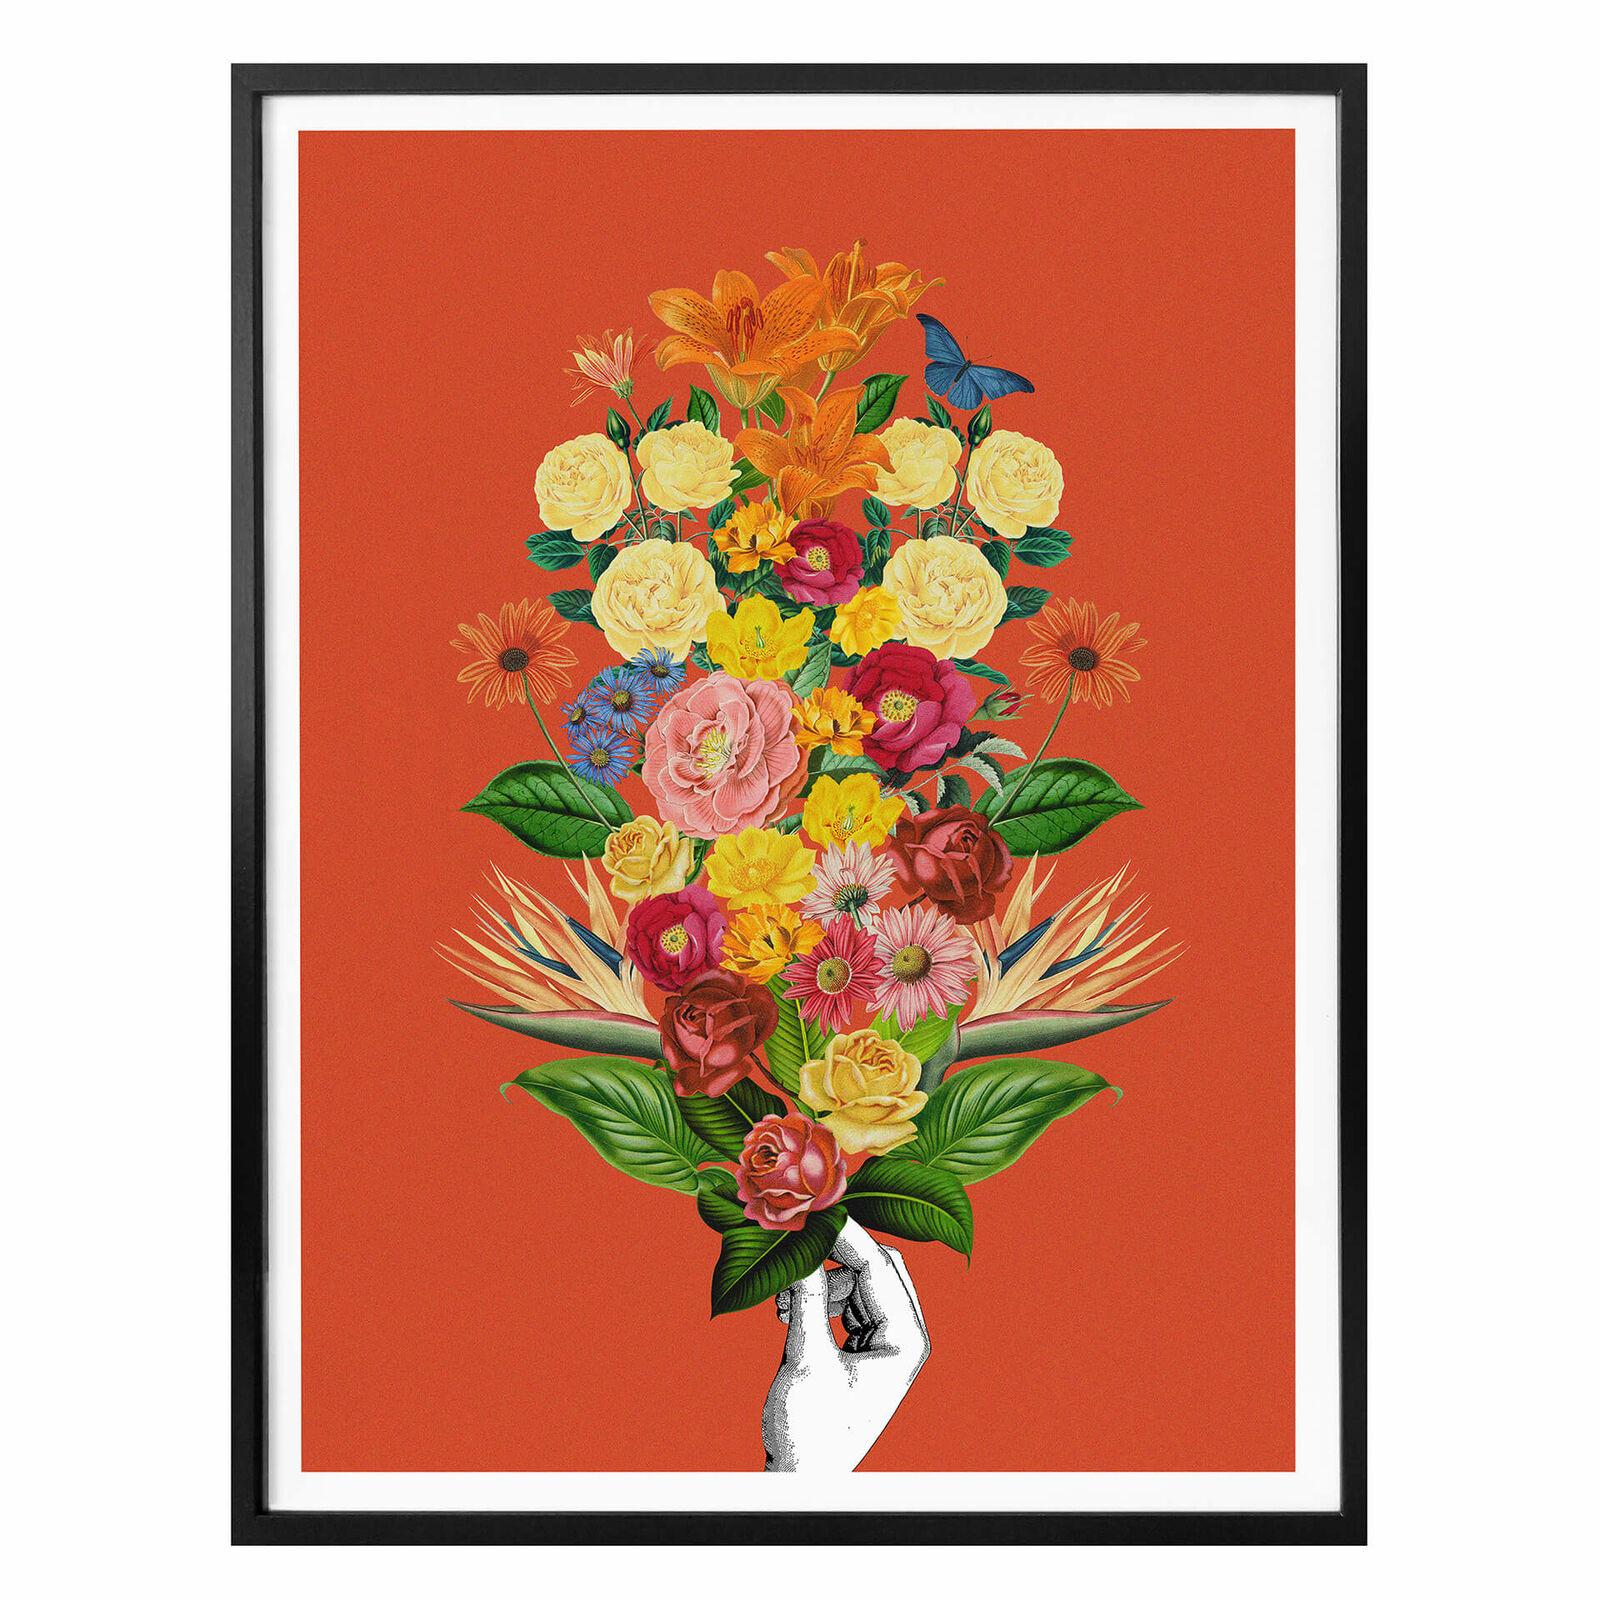 Poster Feldmann - Botanical rot